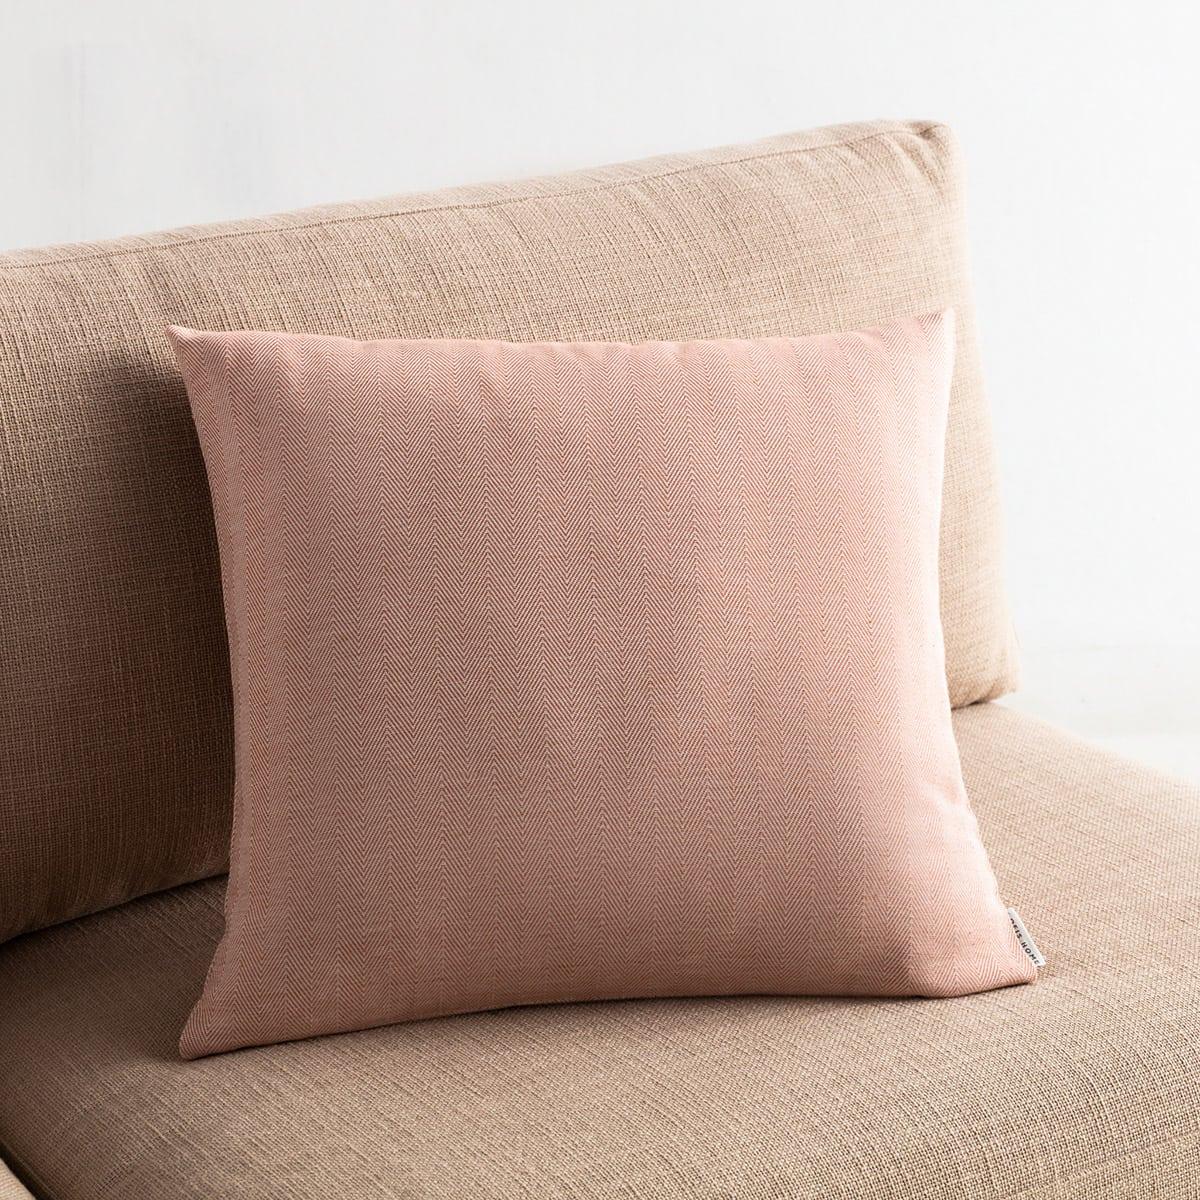 Μαξιλαροθήκη Διακοσμητική Rene 732/21 Somon Gofis Home 50X50 Βαμβάκι-Polyester